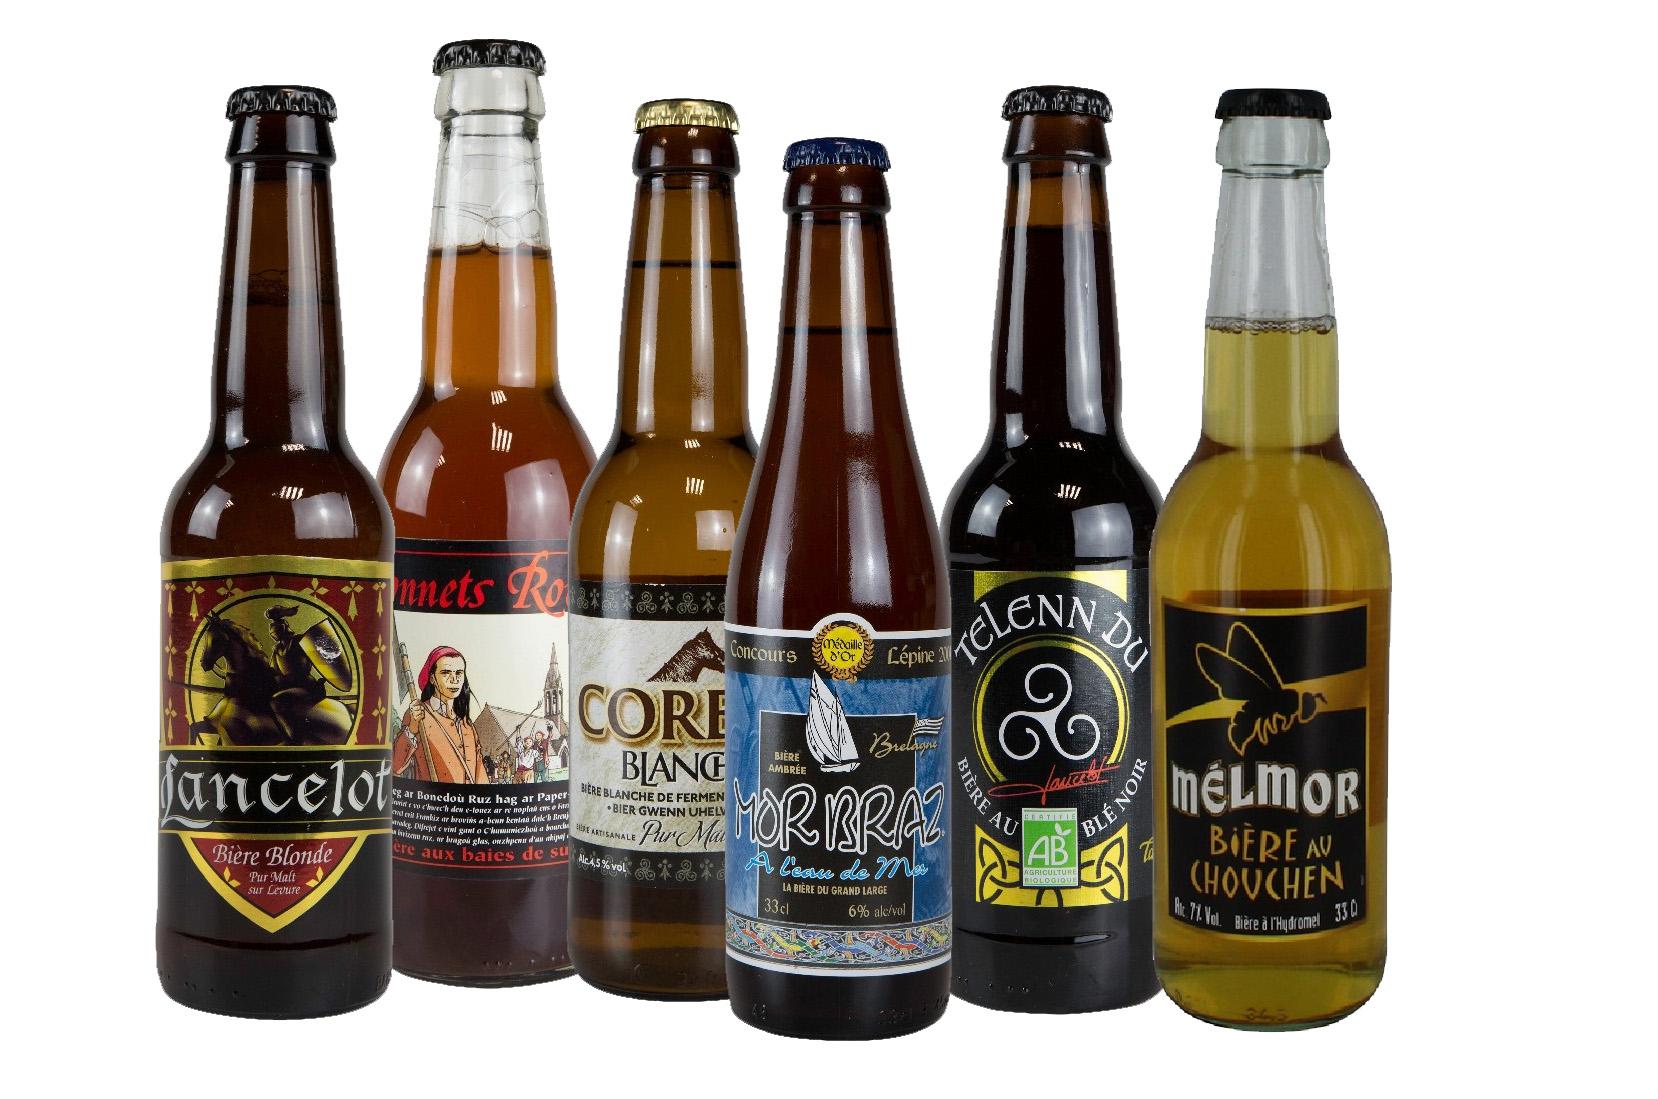 Bières bretonnes Lancelot Correff